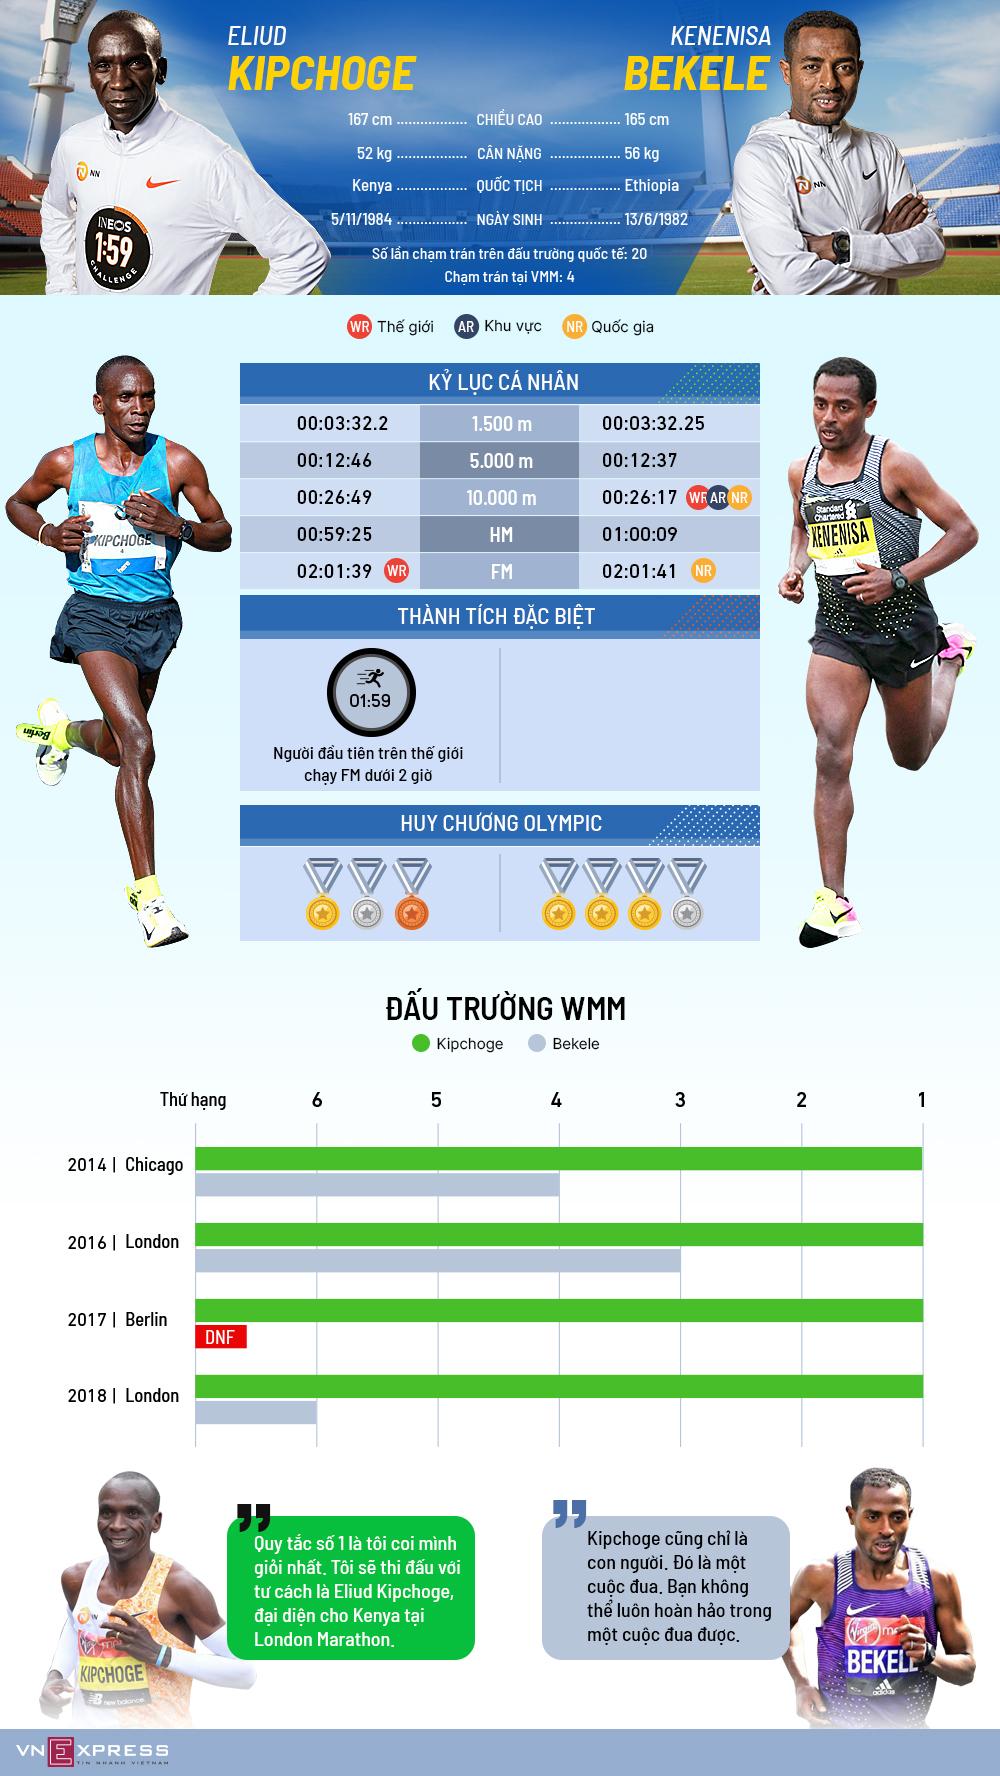 Kipchoge - Bekele: Hướng đến cuôc đua lịch sử của marathon